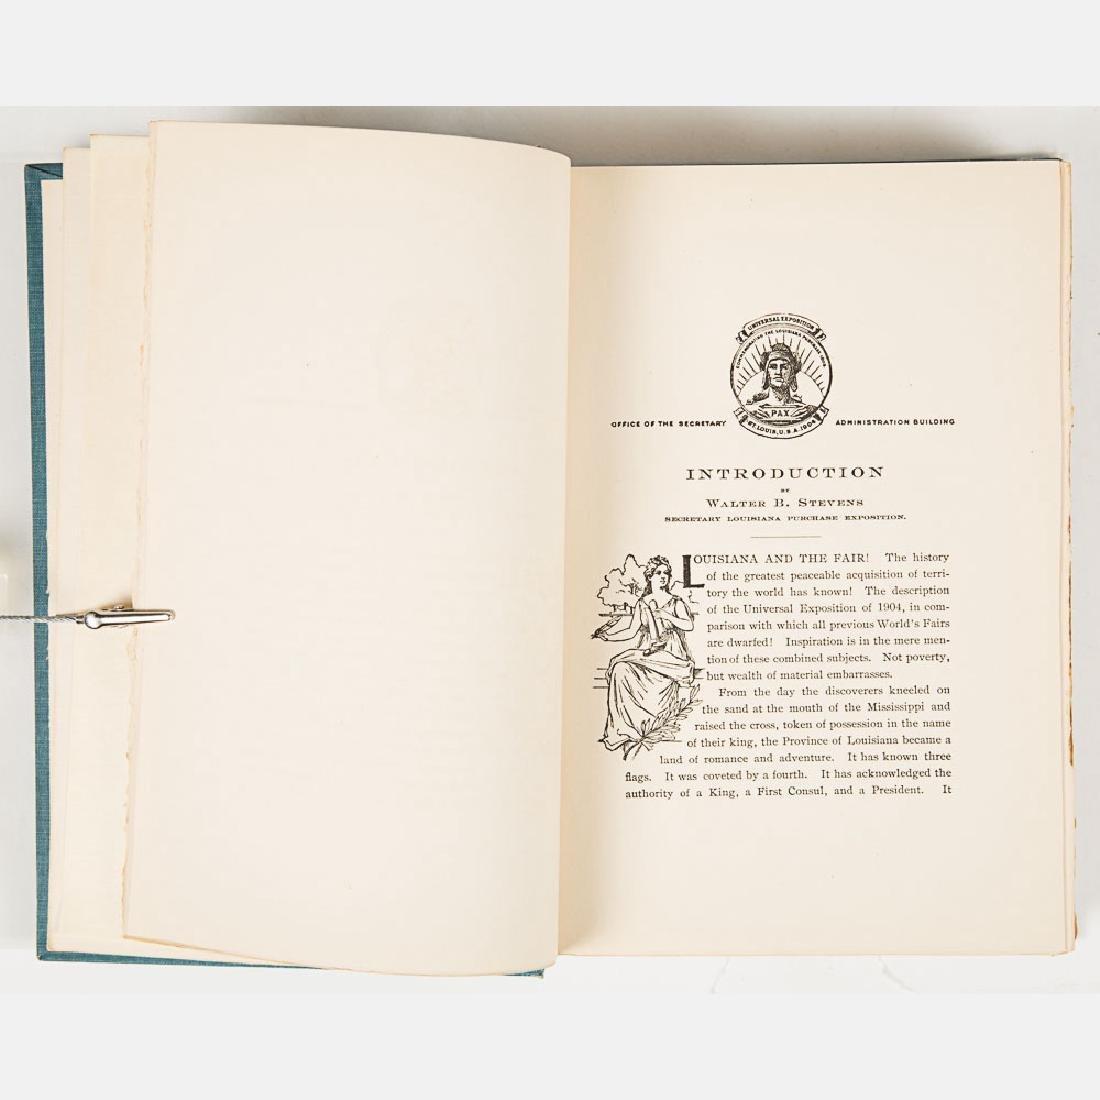 Buel, J.W. (1849-1920). ed. Louisiana and the Fair: An - 7